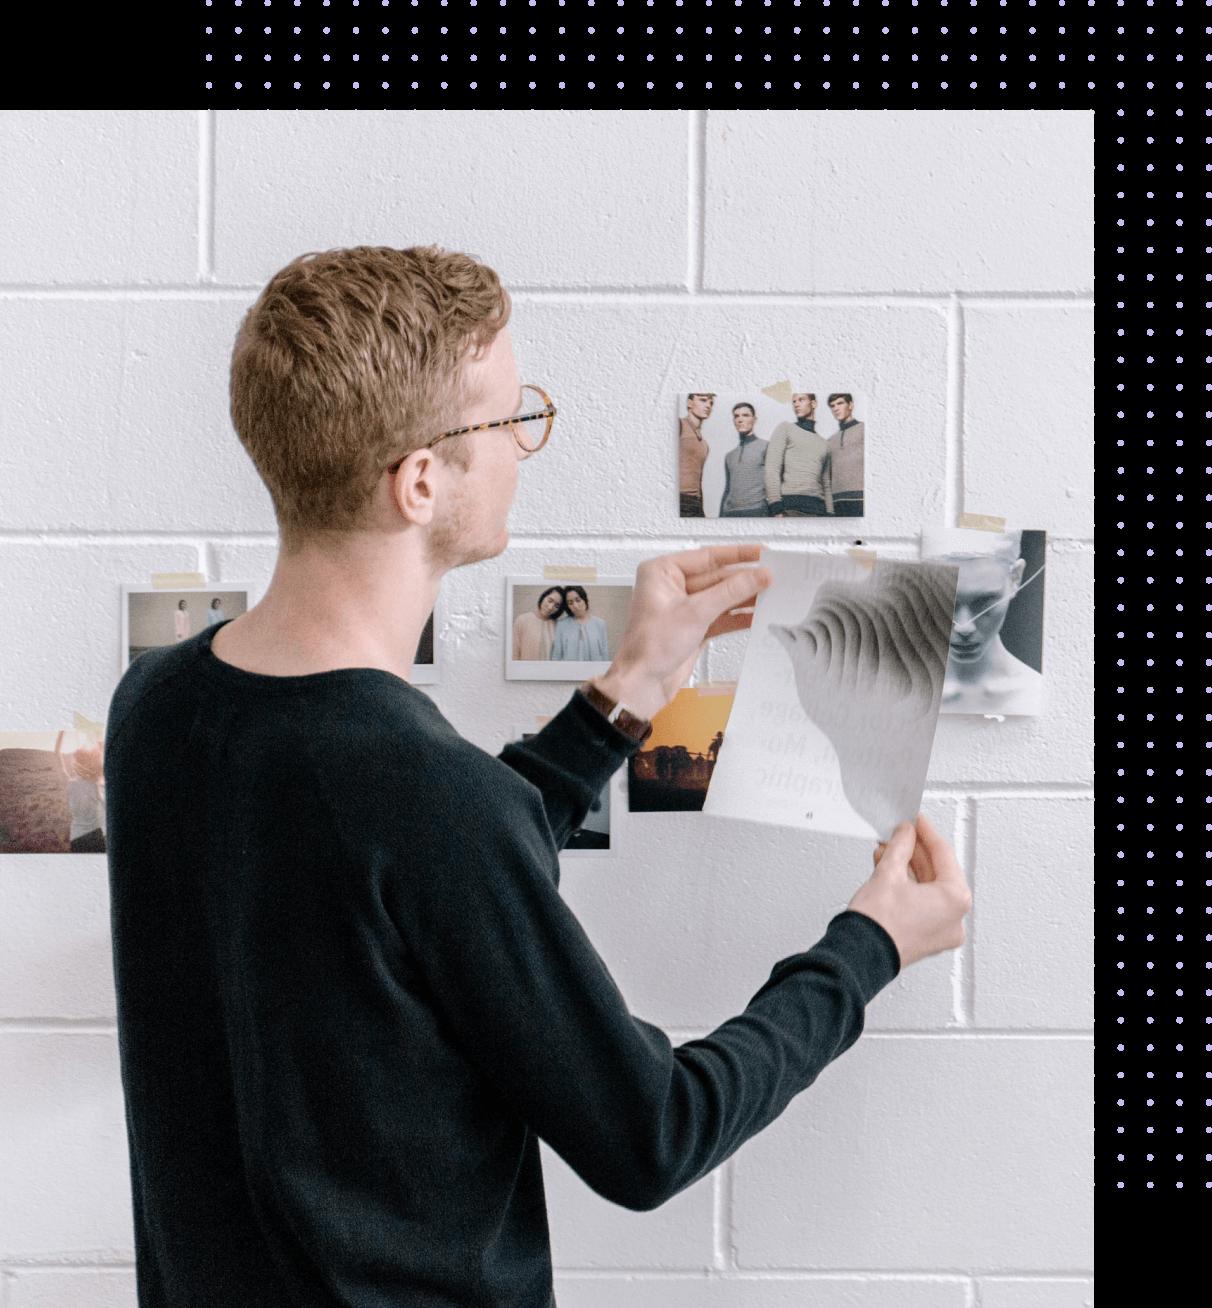 UX Design Lessons